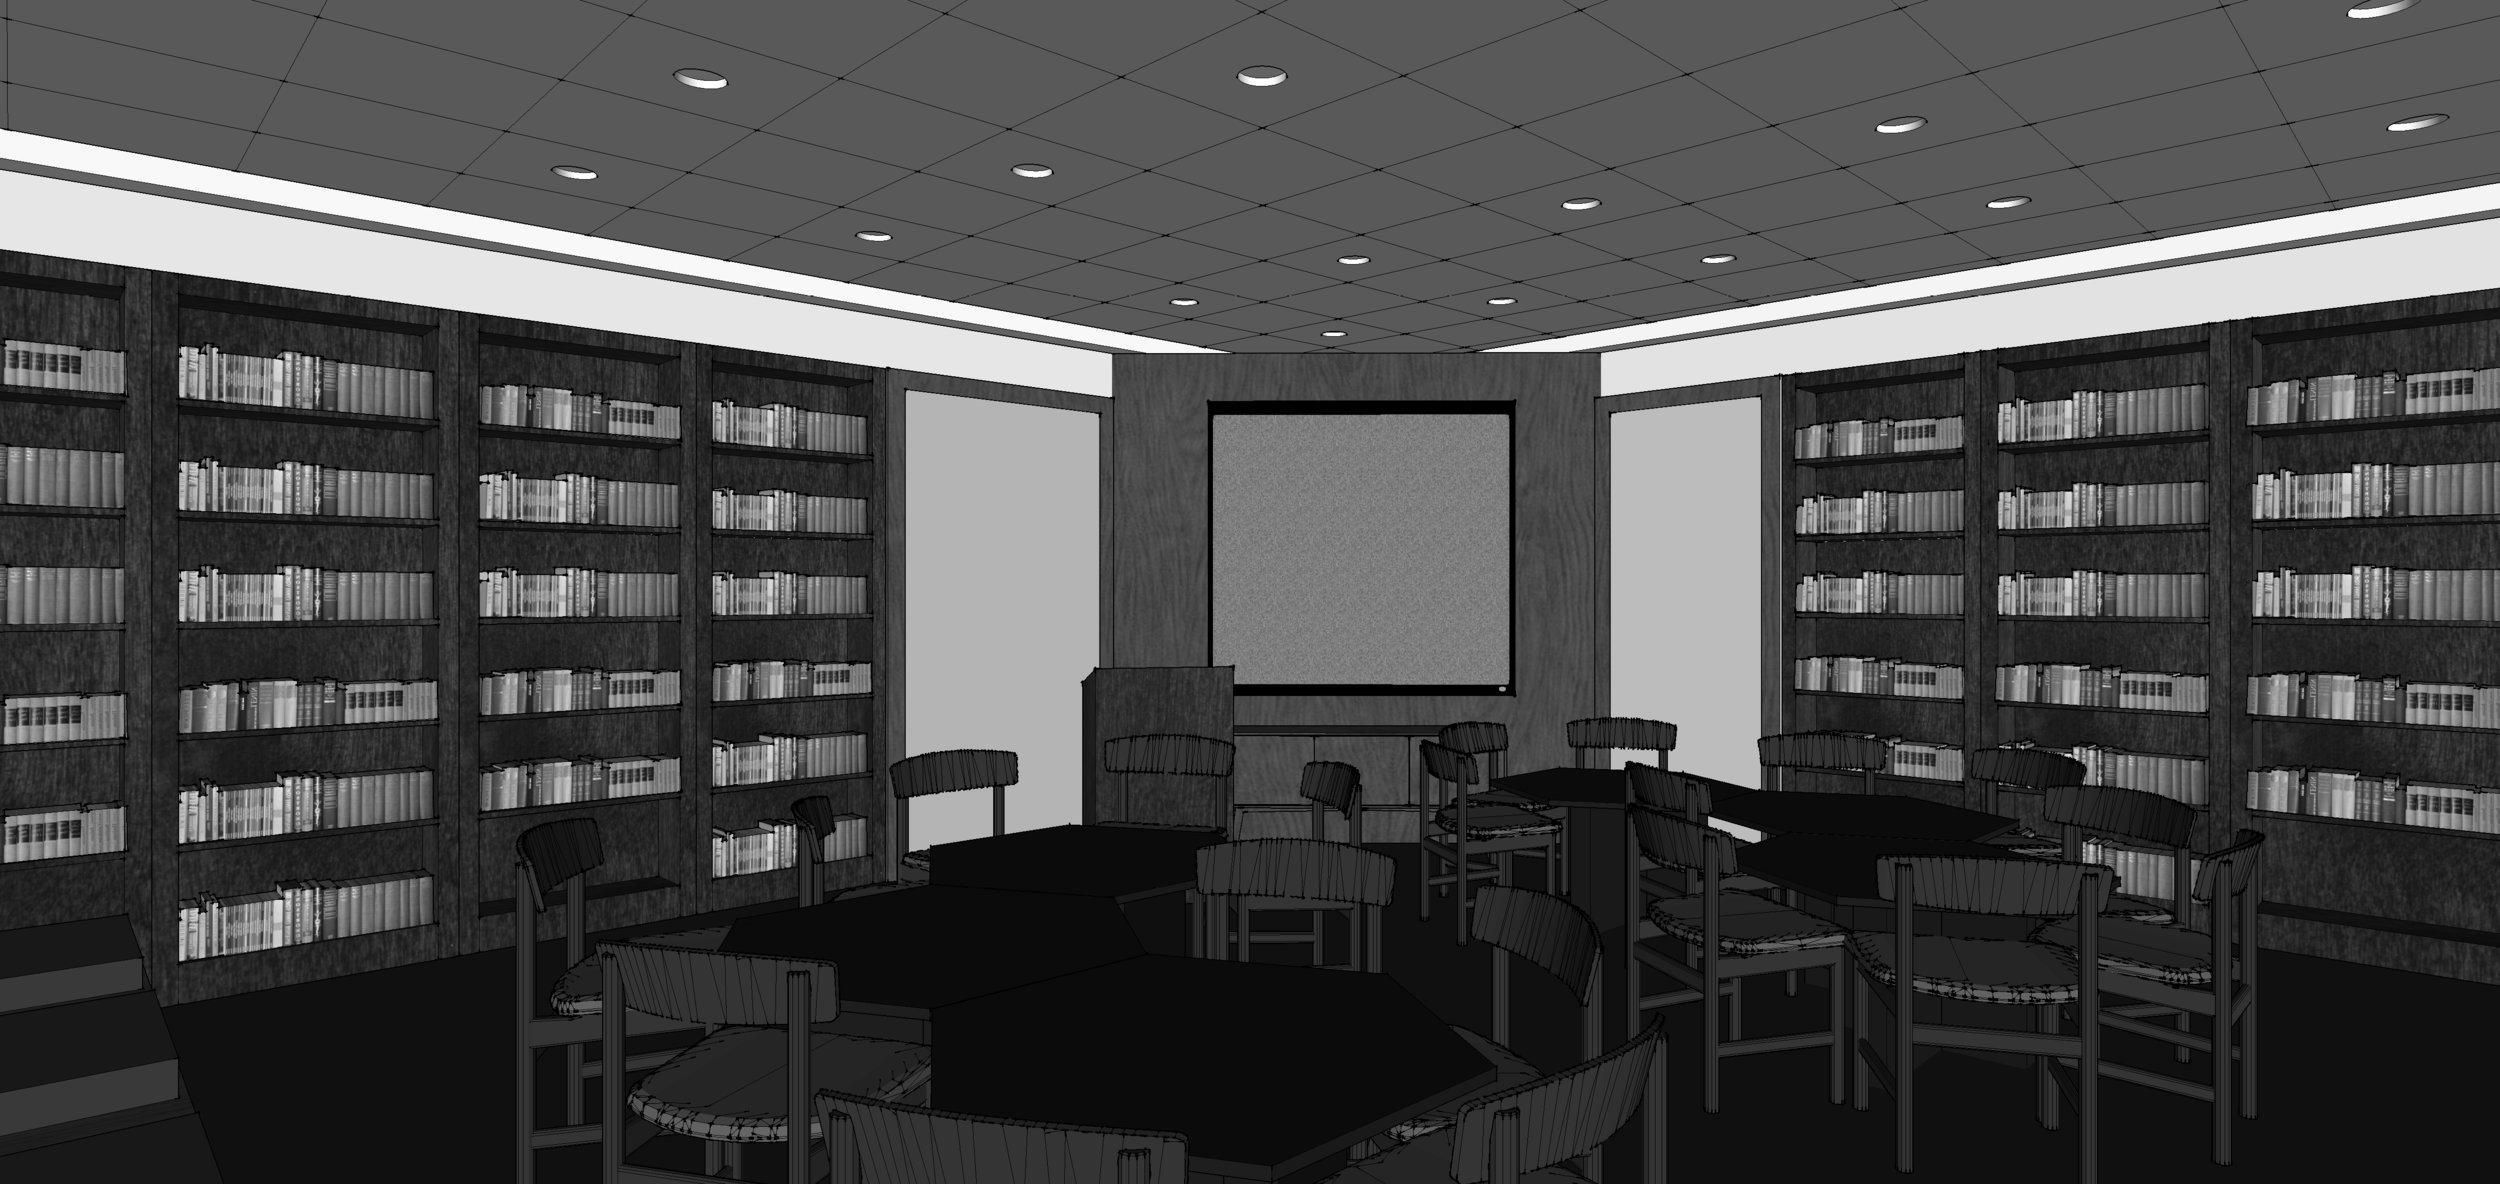 UGA School of Law_Sketchup_Bookshelves_View3.jpg